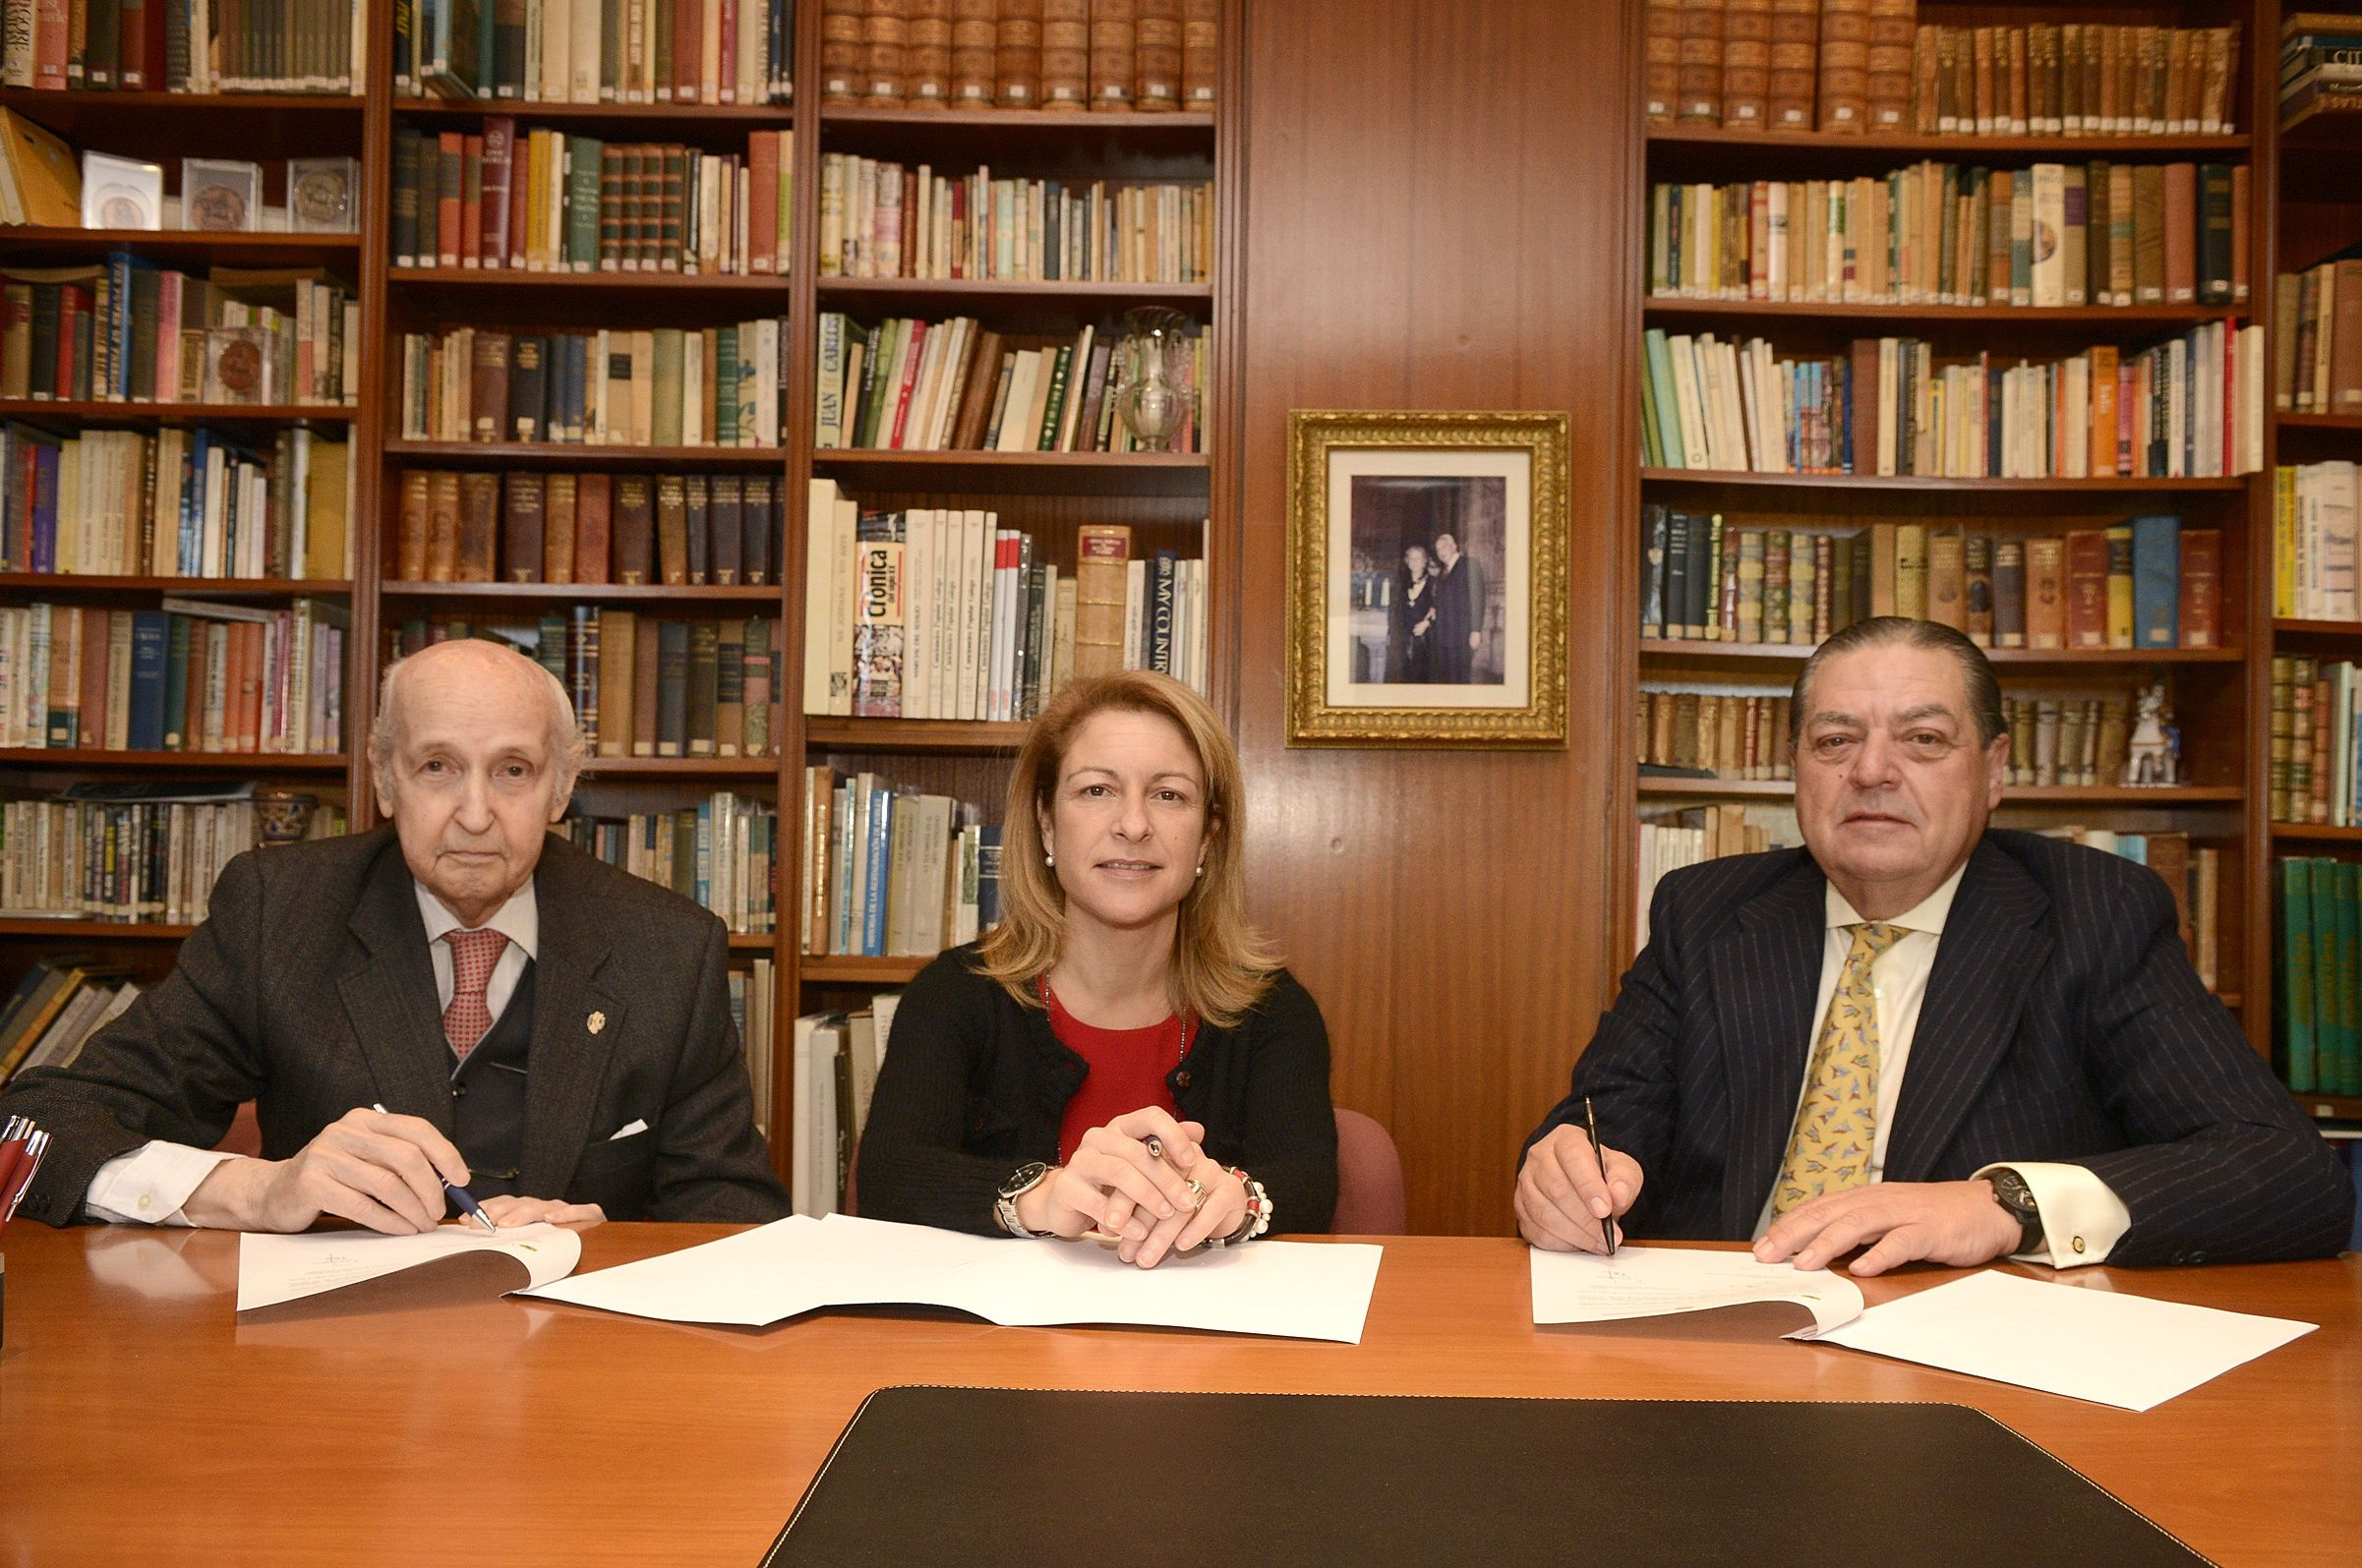 Santiago Grisolía, la rectora Rosa Visiedo, y Vicente Boluda, presidente de FVEA, durante la firma del convenio, celebrada esta mañana.